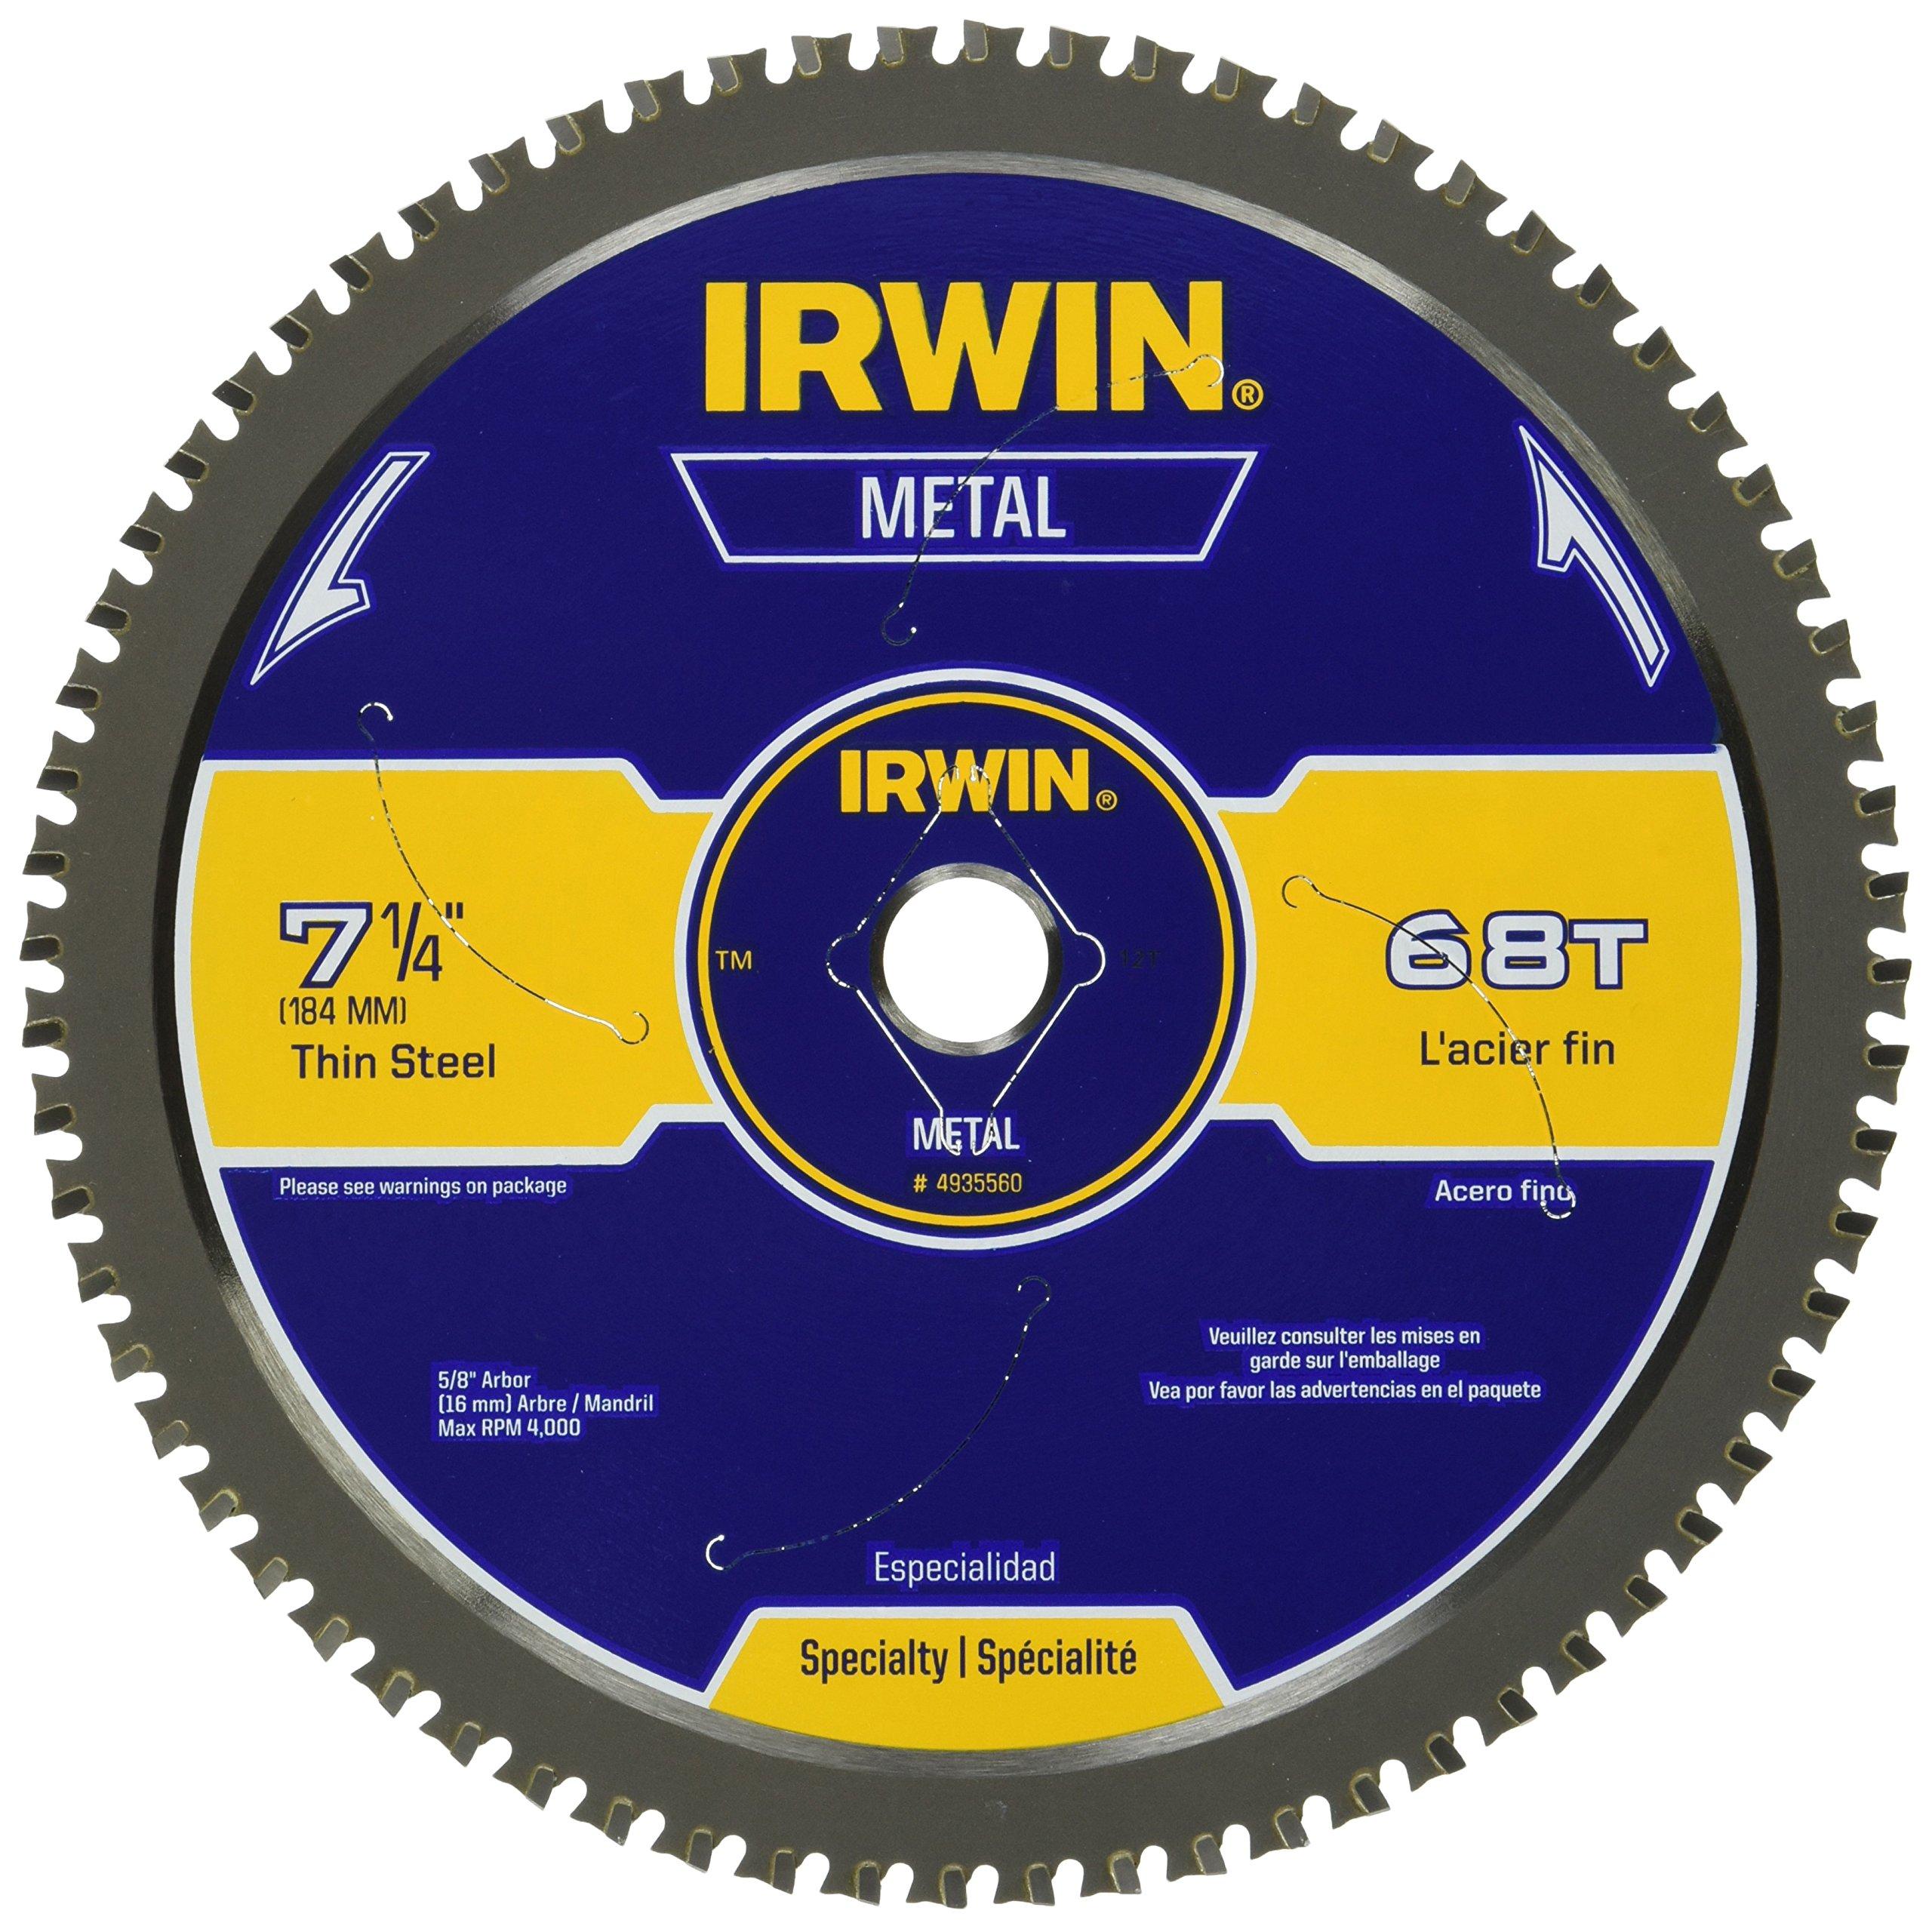 IRWIN Metal-Cutting Circular Saw Blade, 7-1/4'', 68T, 4935560